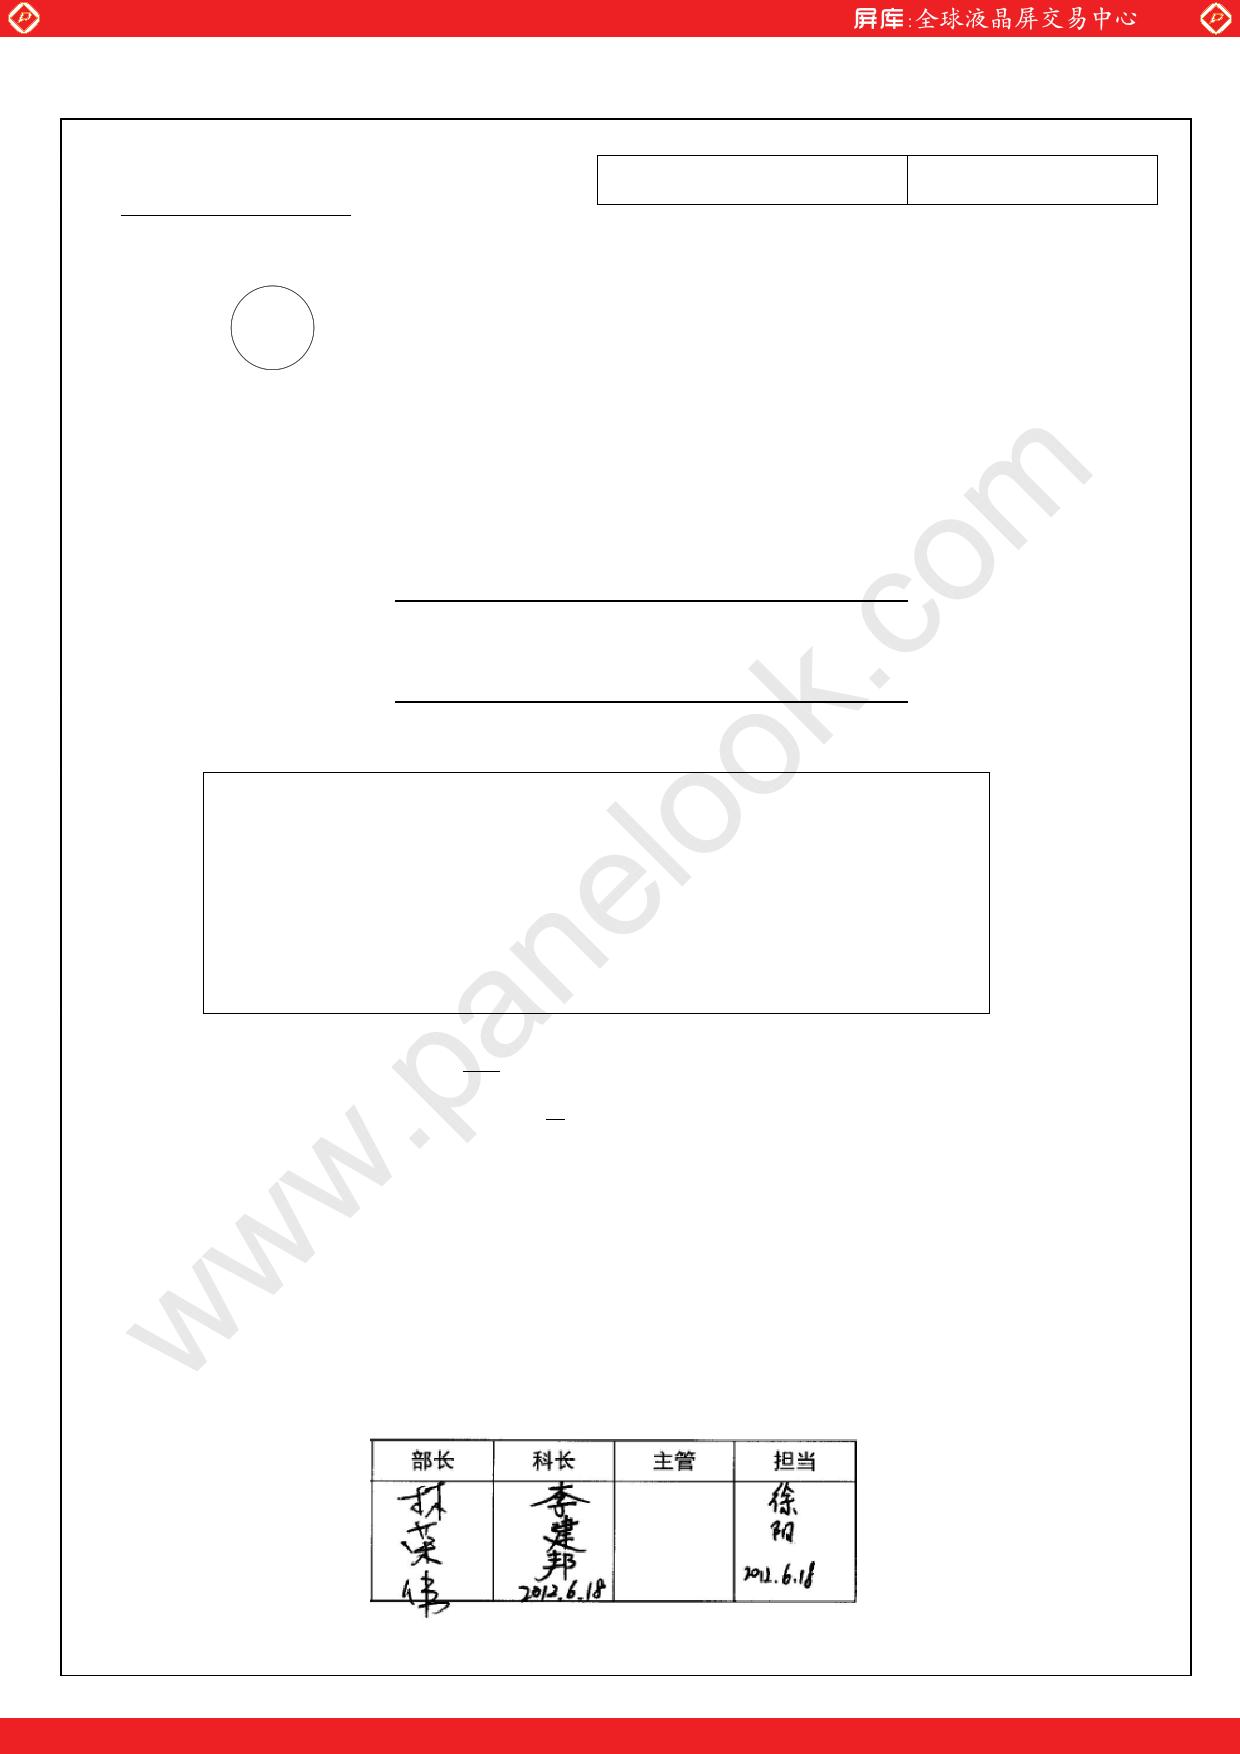 LC315TU4A datasheet